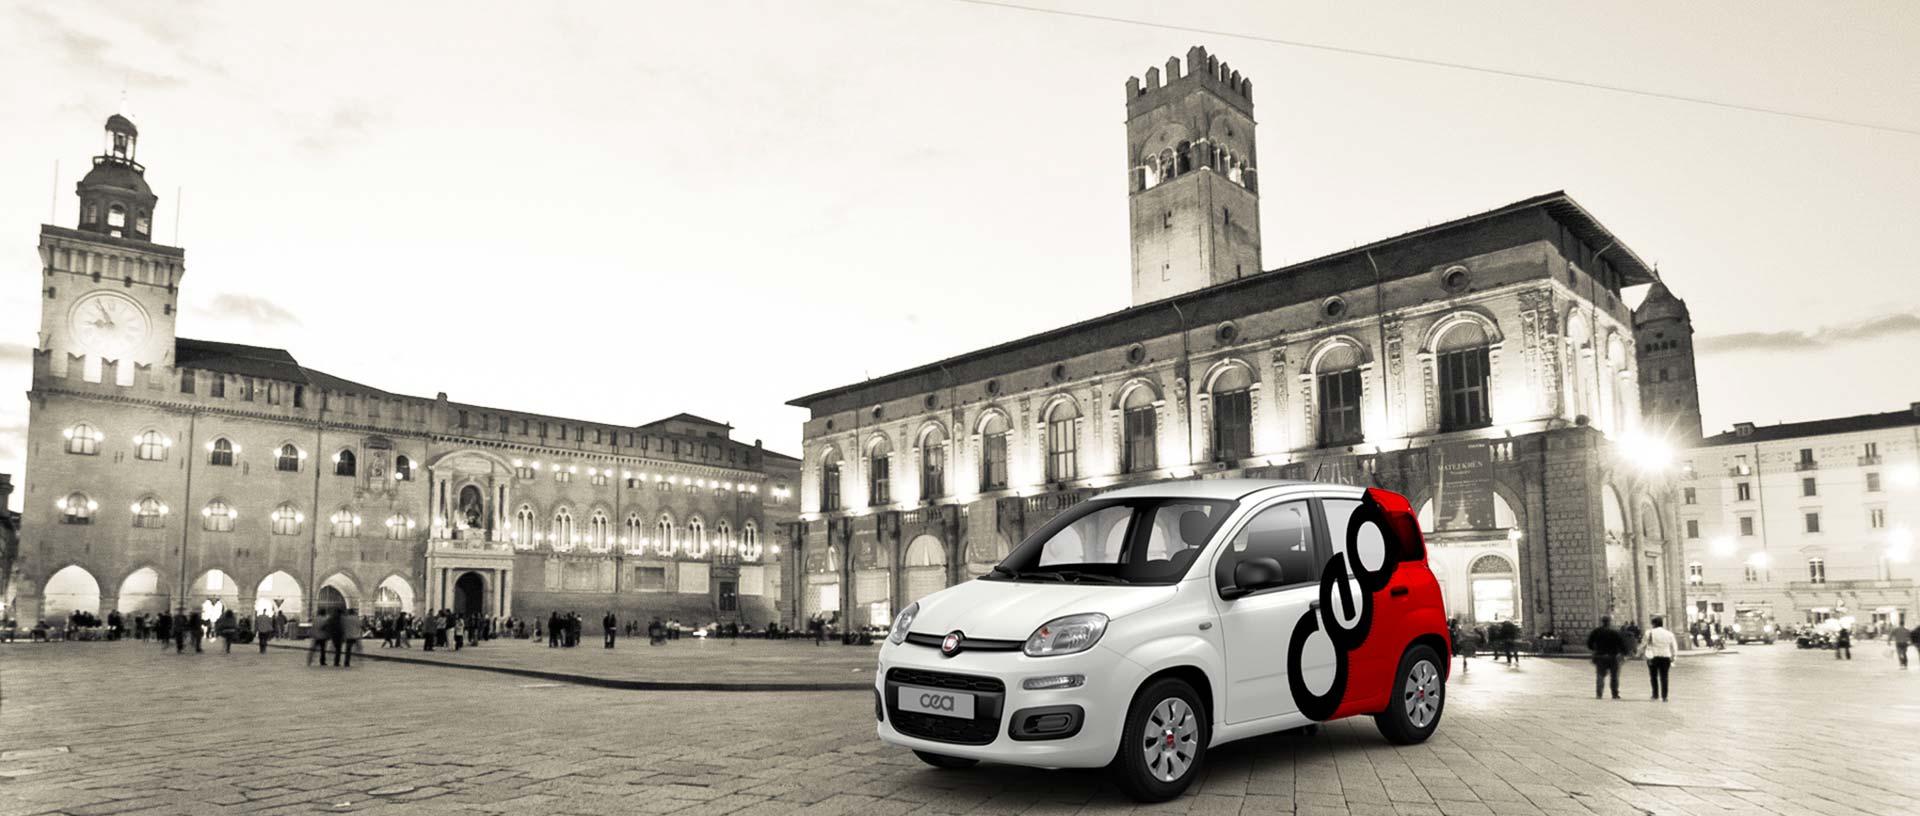 Bran Car Bologna